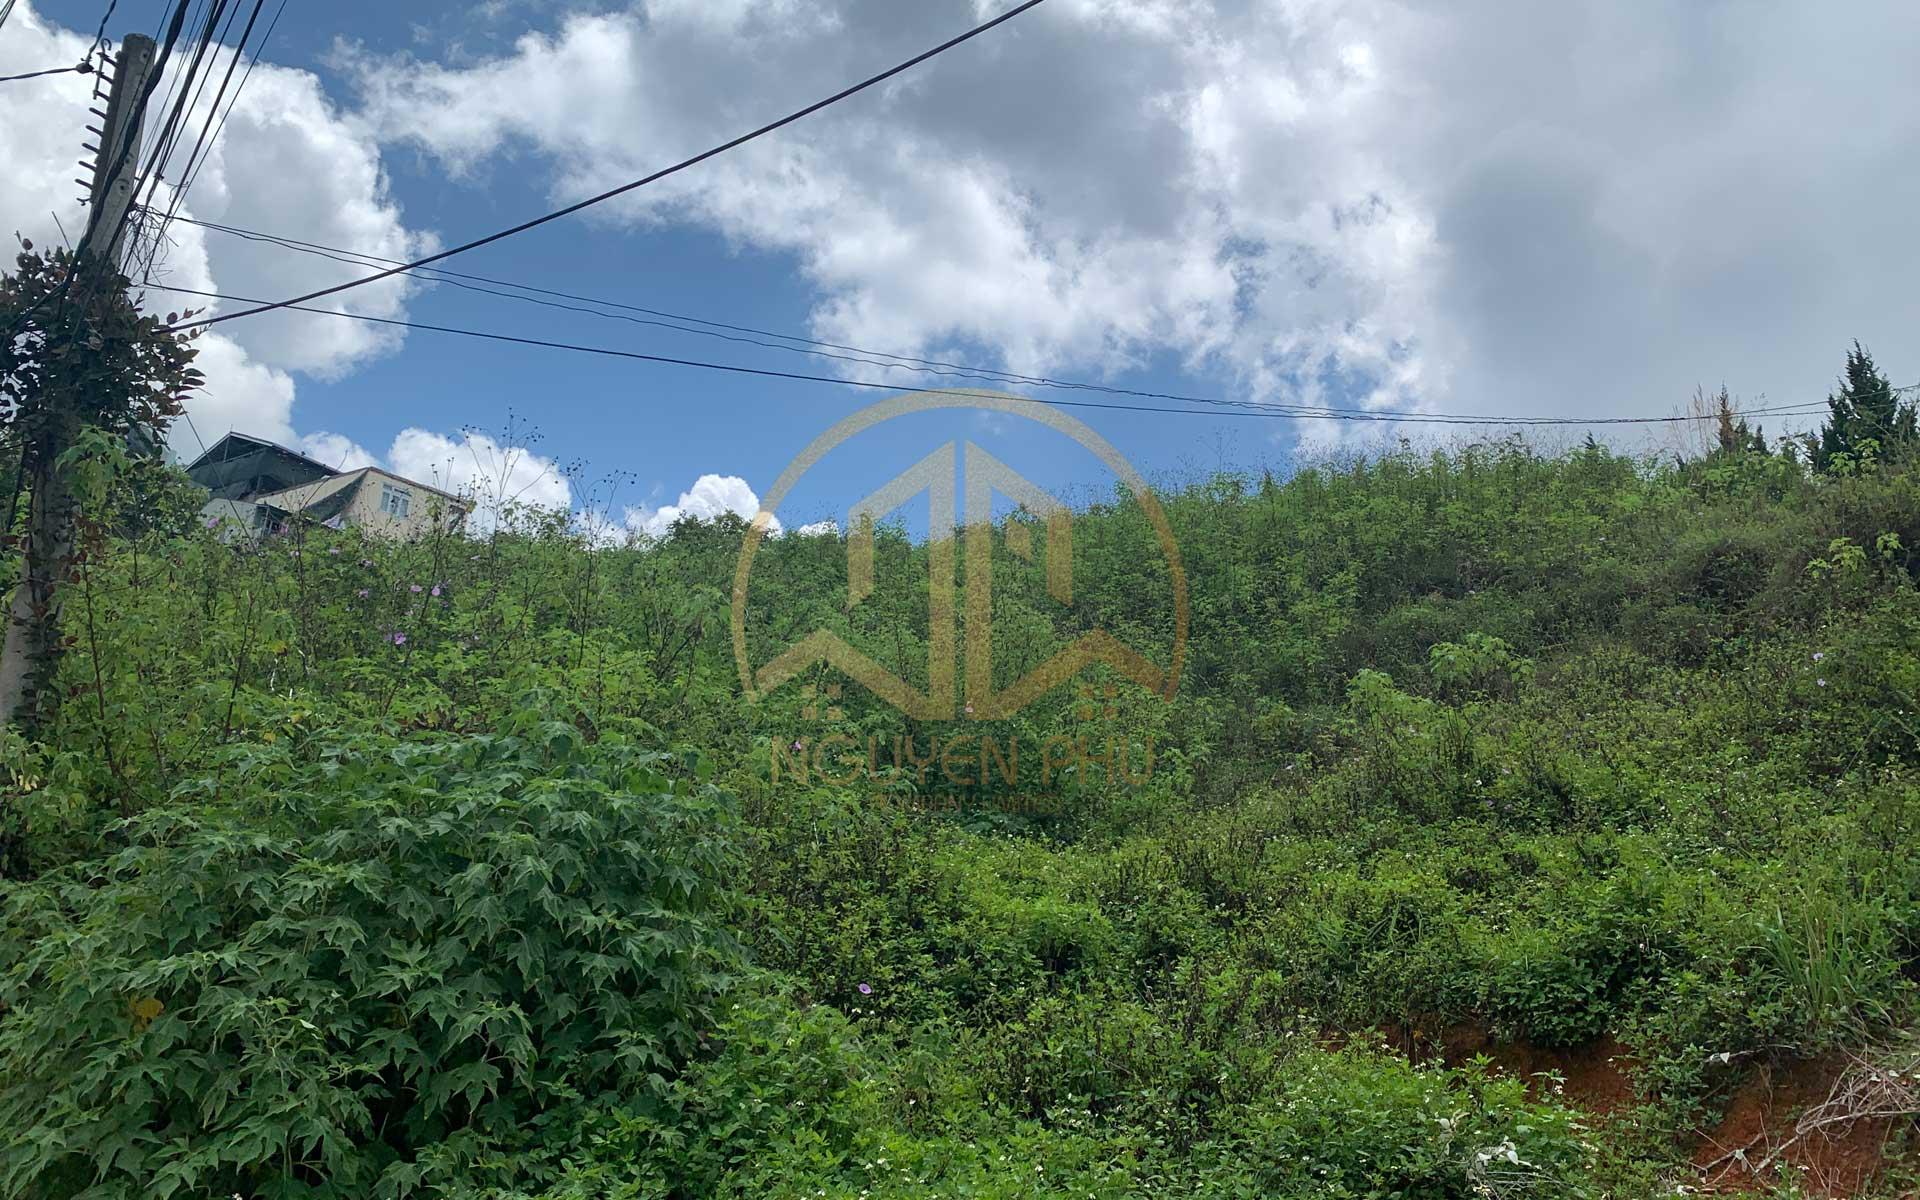 Bán đất Hoàng Hoa Thám Đà Lạt diện tích 1135m² view cực đẹp, đồi thông thoáng đãng